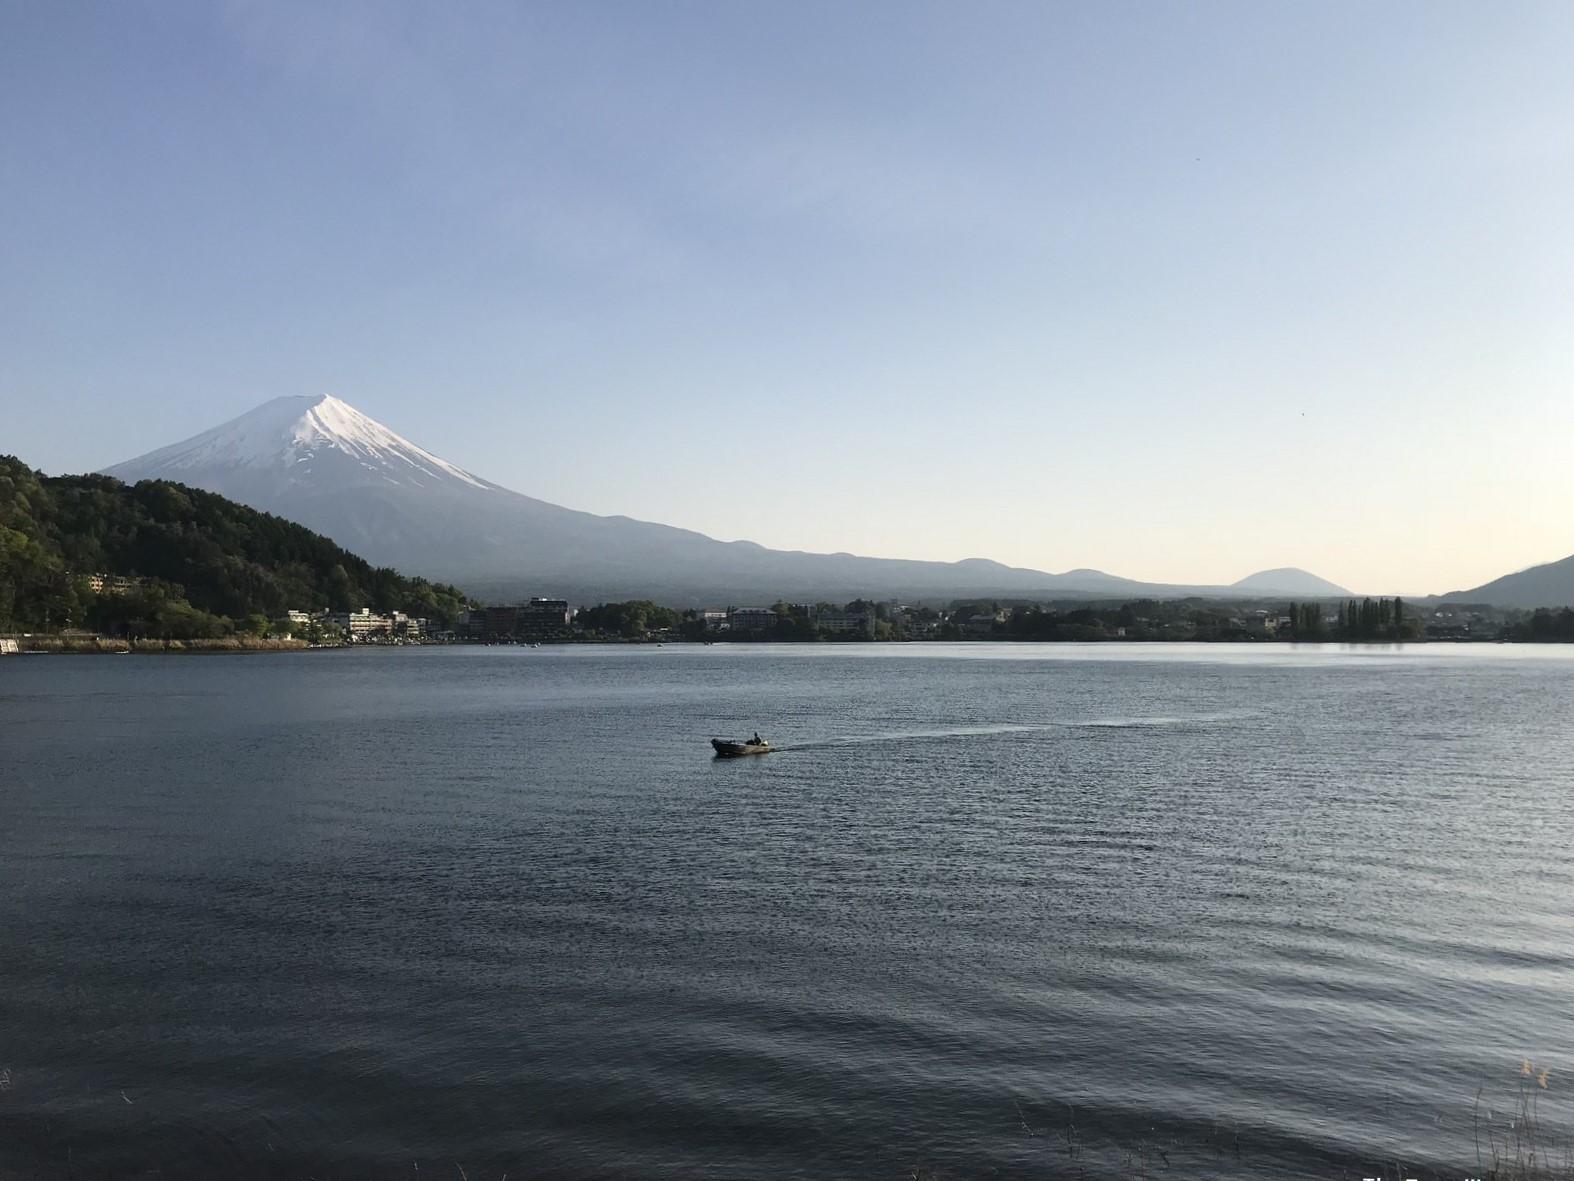 Lake Kawaguchiko mount fuji lake view